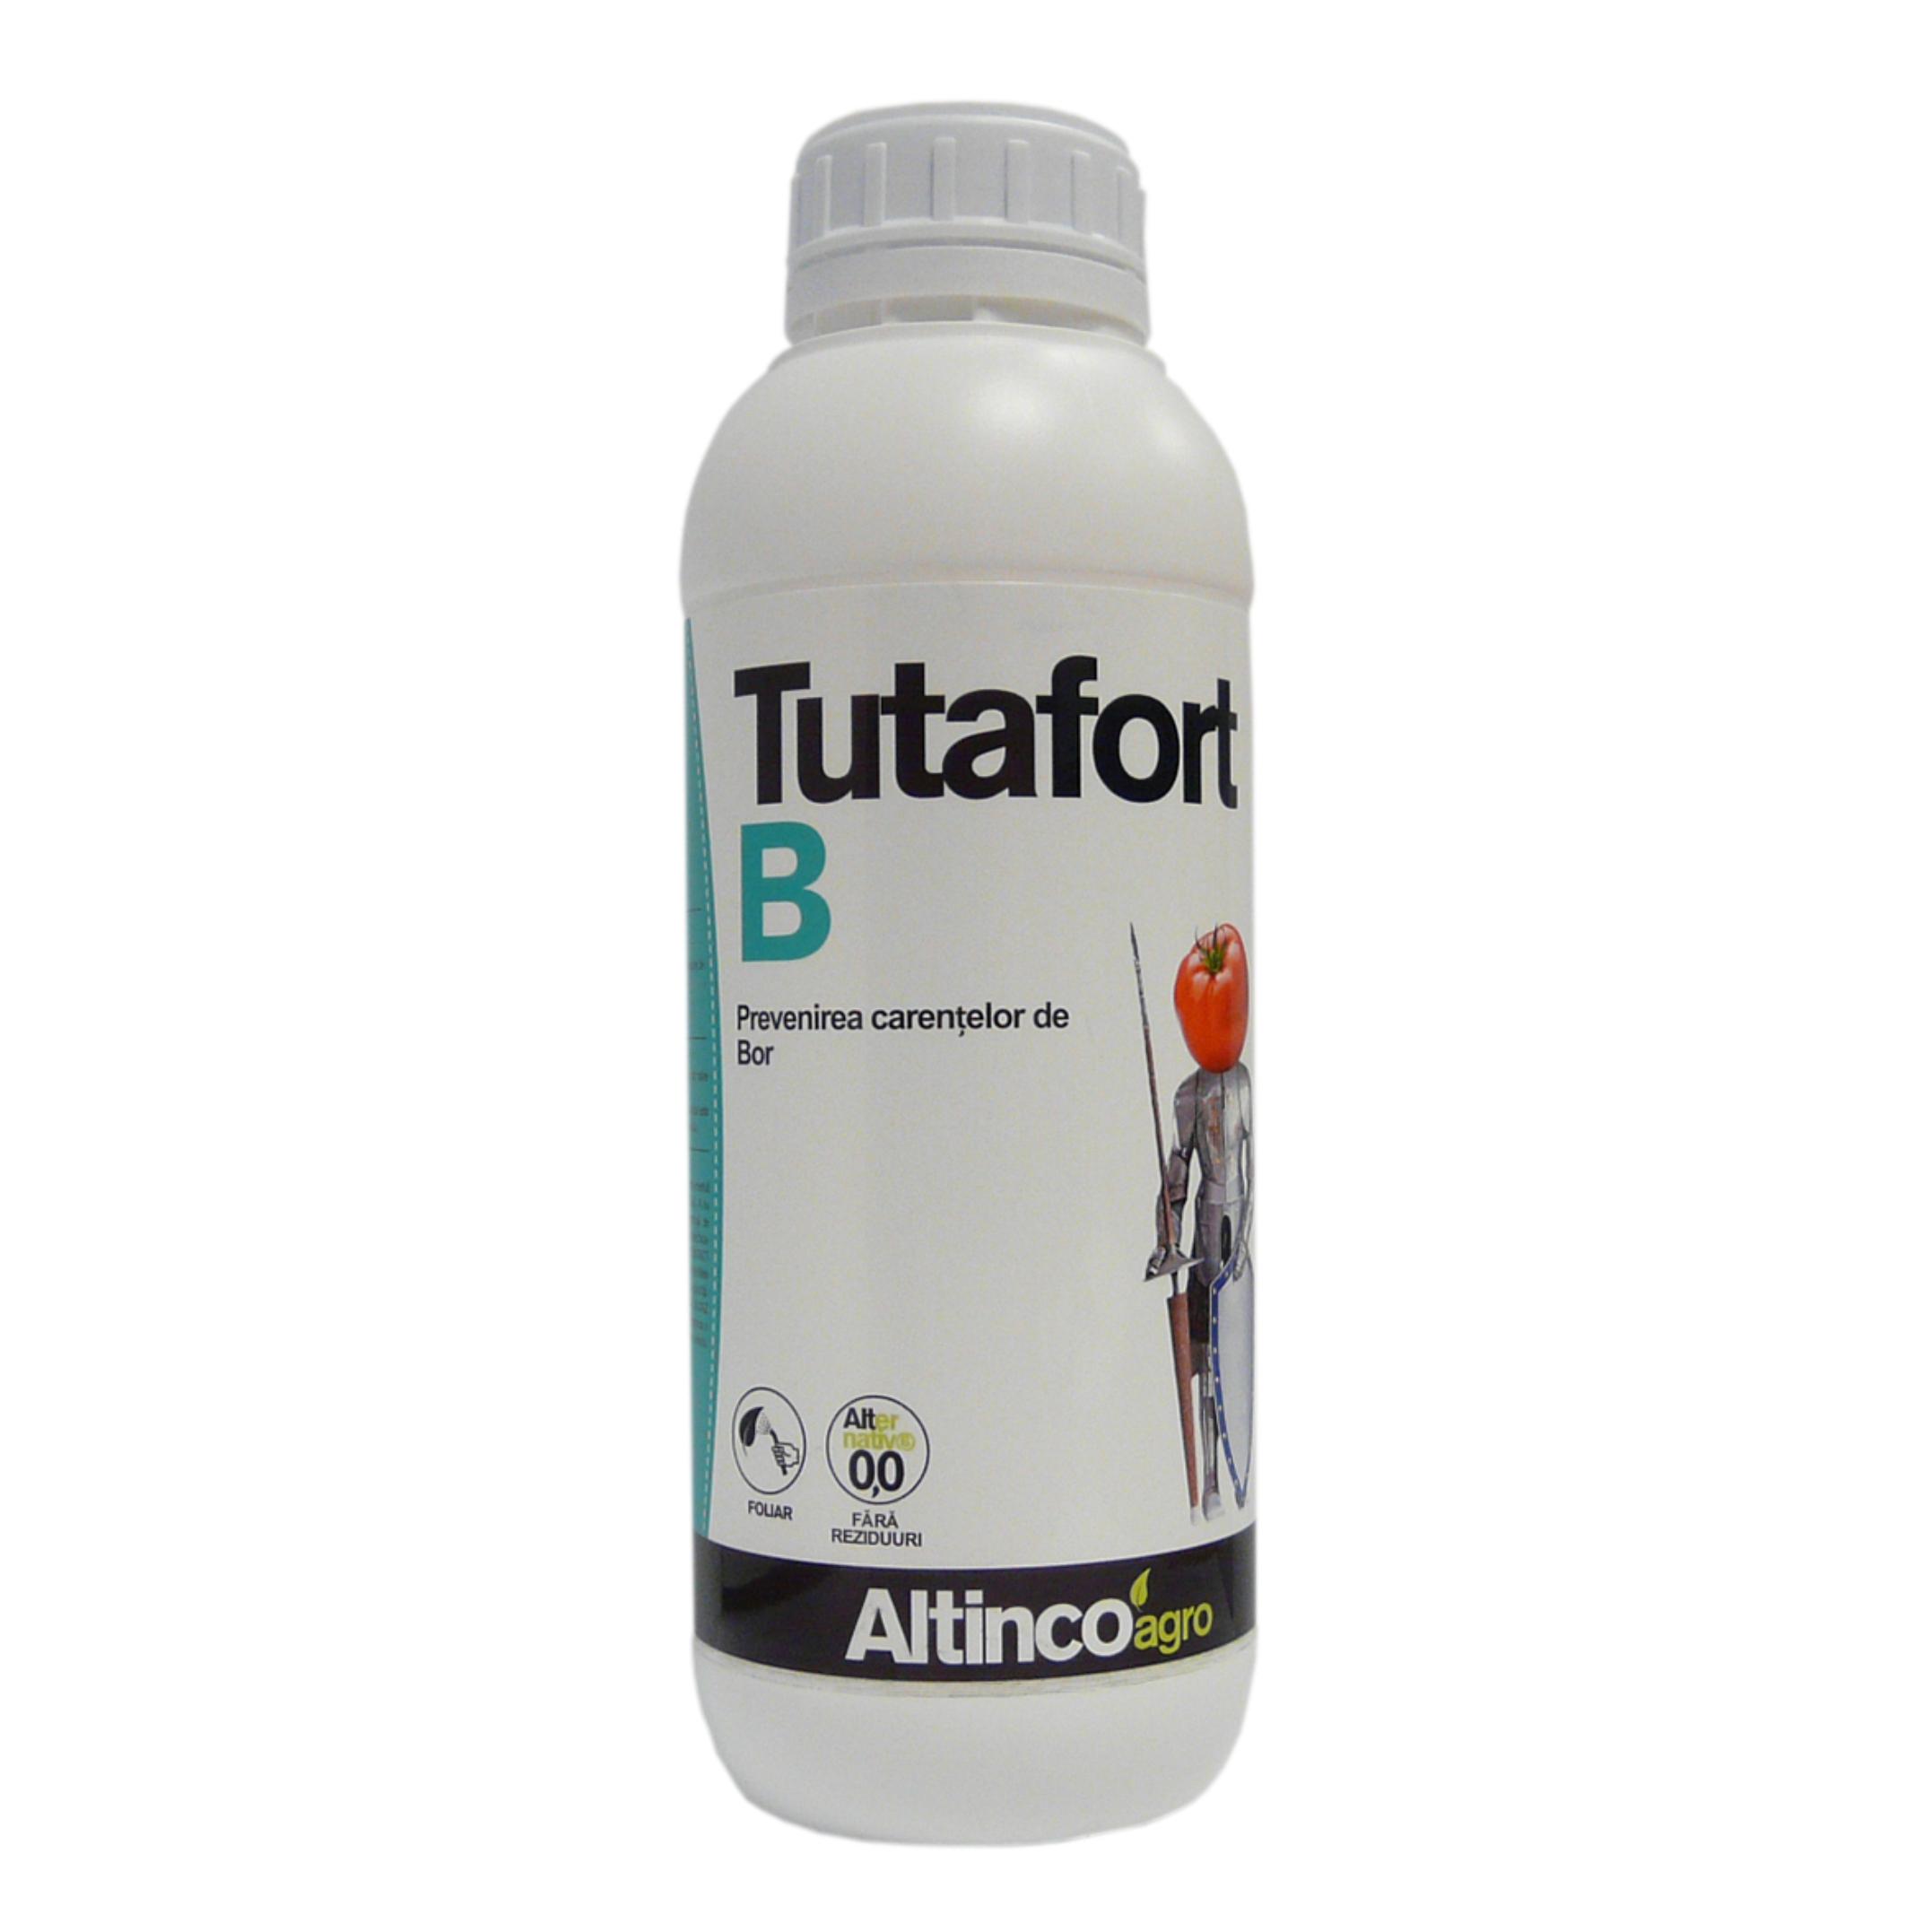 Tutafort B soluţie de fertilizant cu bor